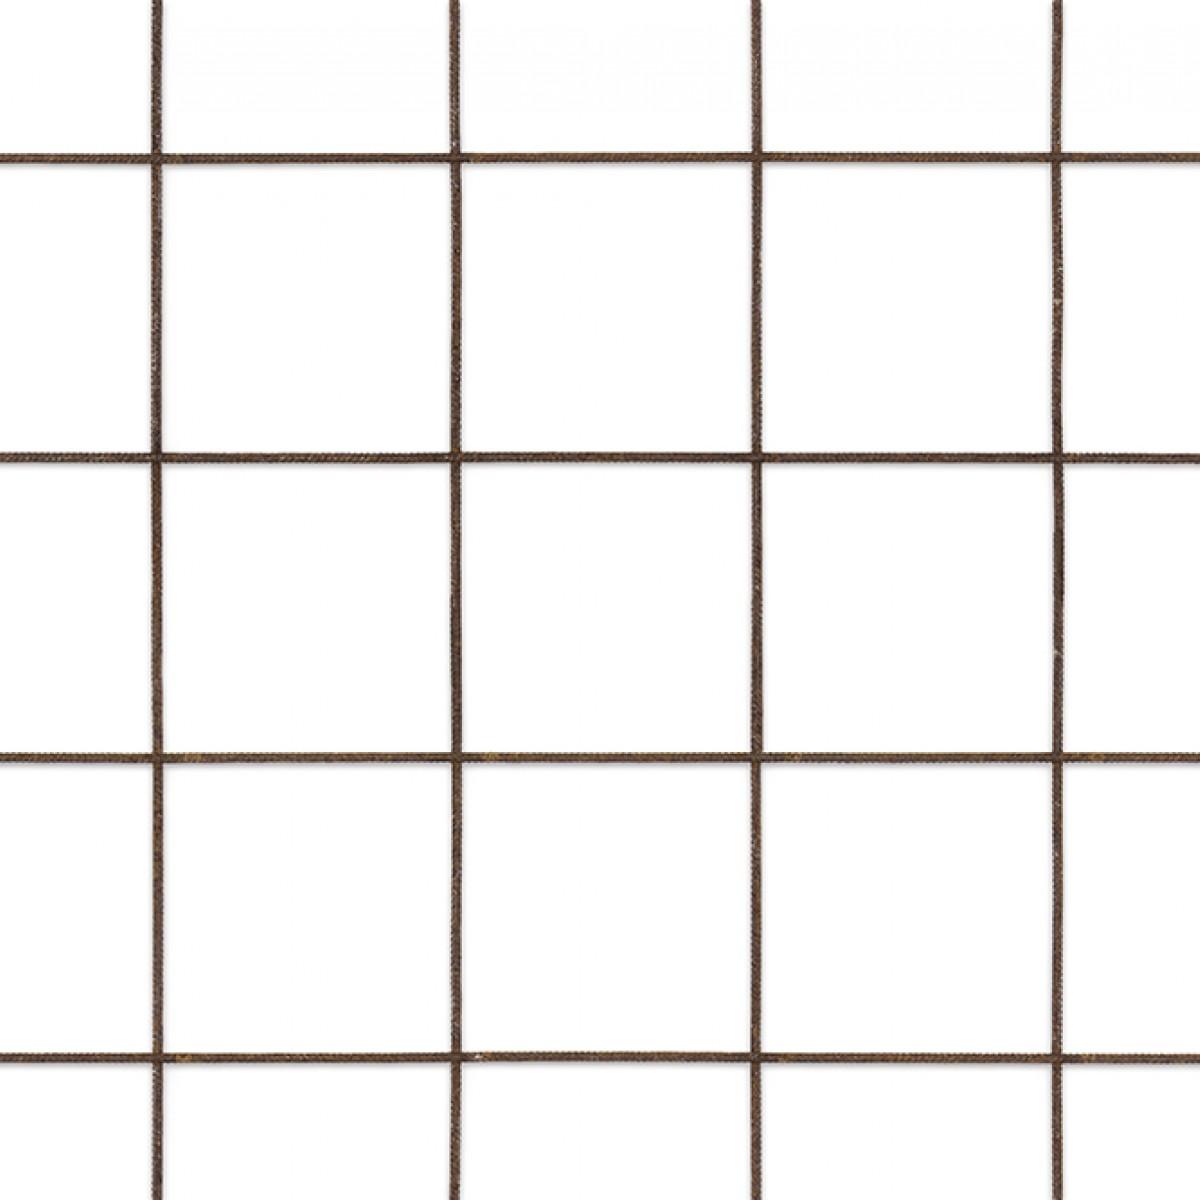 Fototapet Climbing Clorofyl, White, personalizat, repetitiv, Rebel Walls